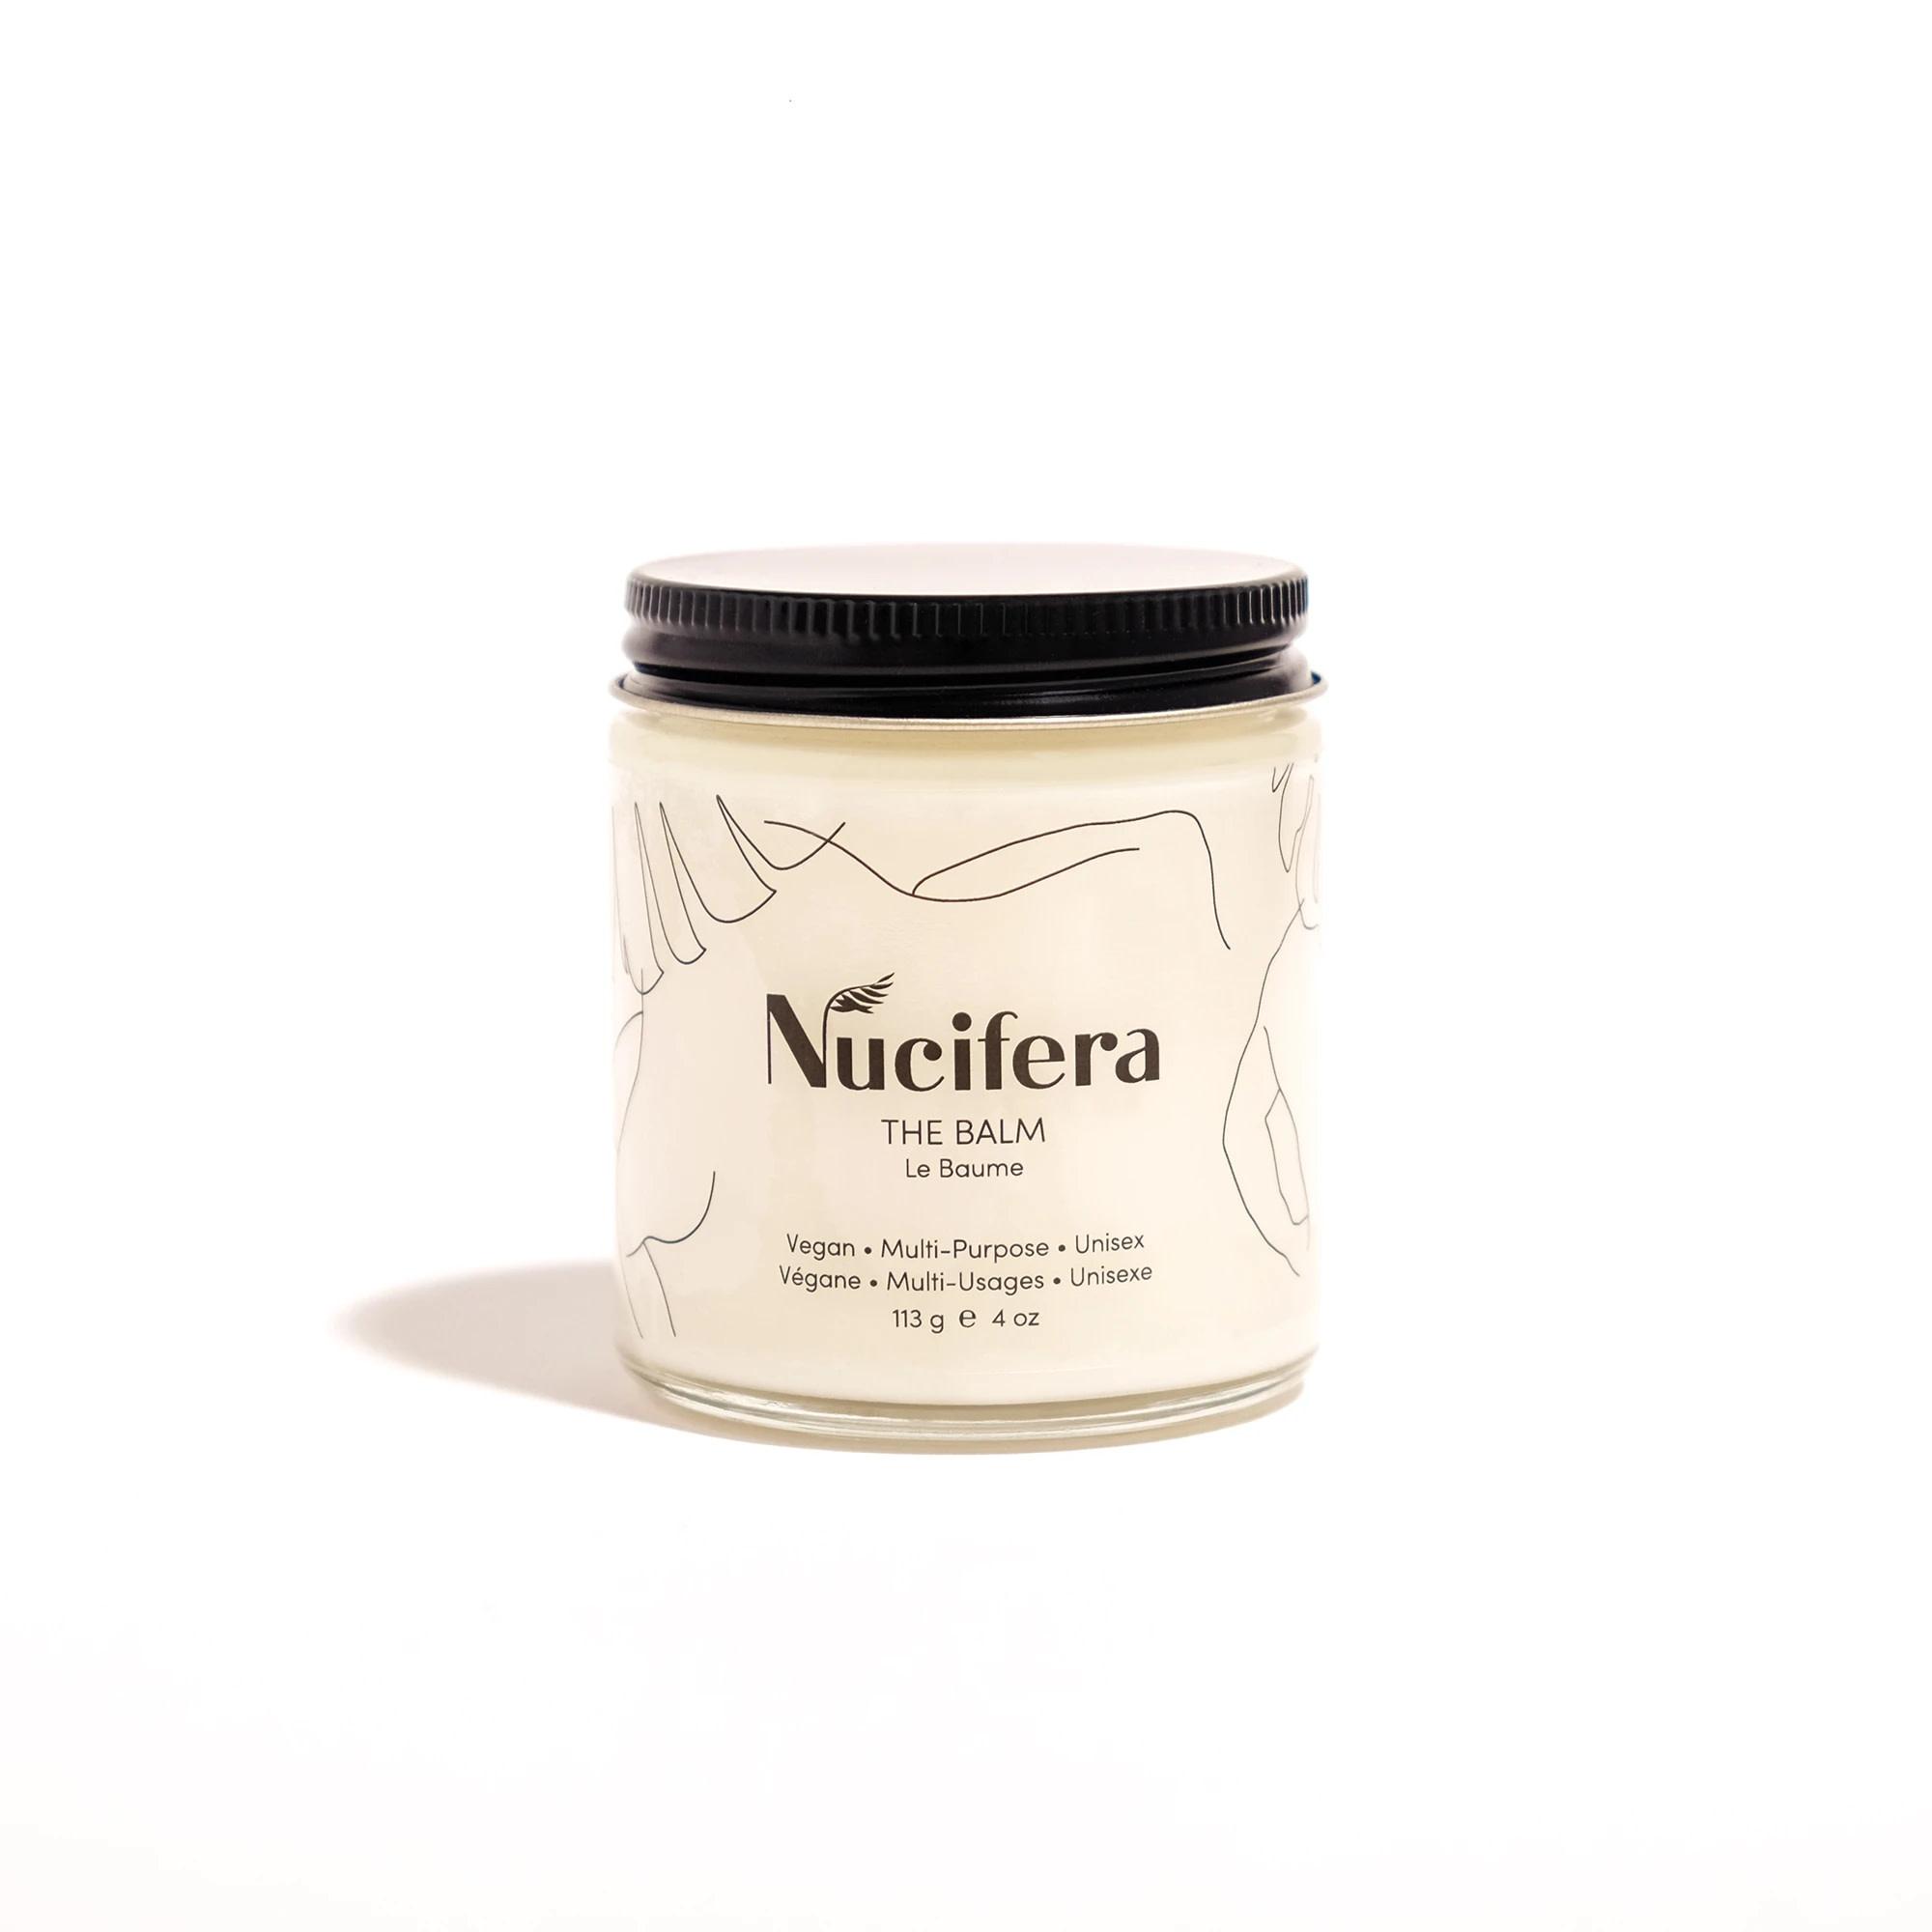 Nucifera - NU The Balm